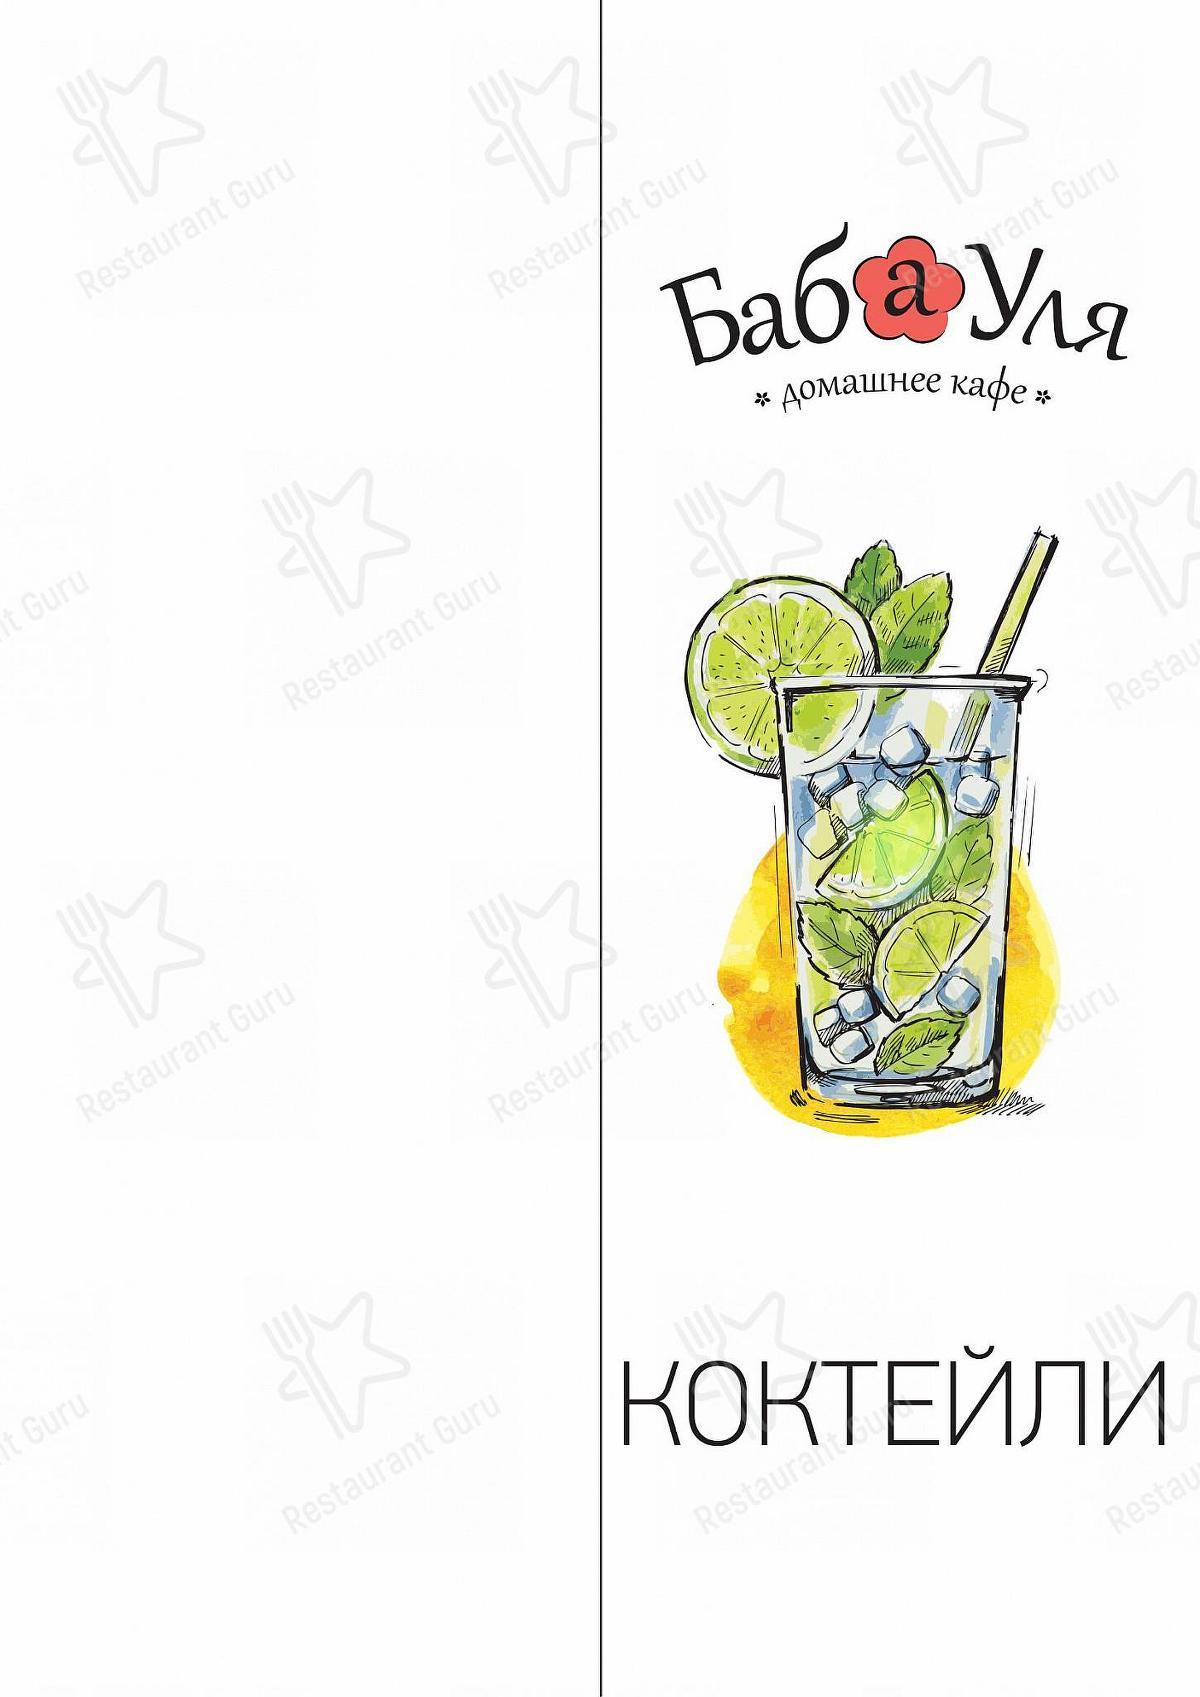 Меню Баба Уля - еда и напитки